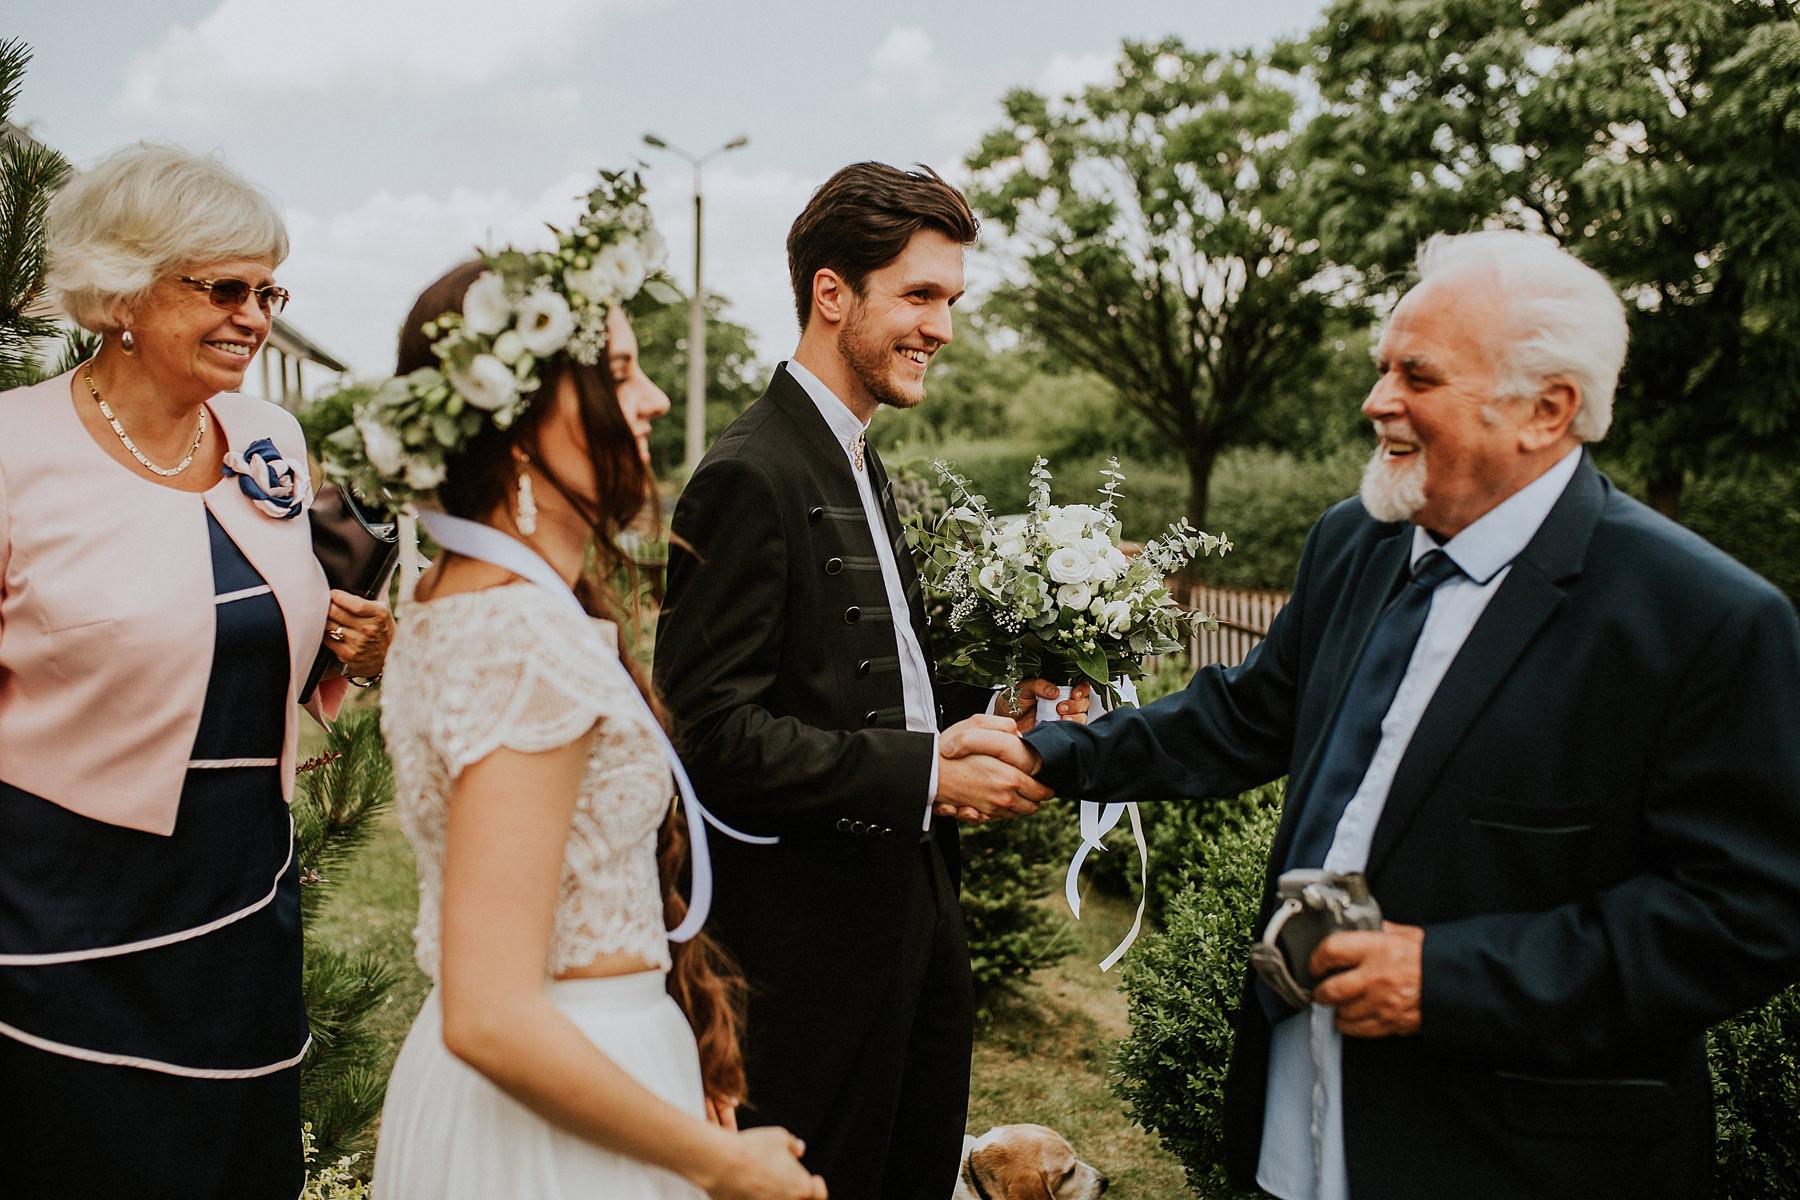 fotograf krakow slub wesele karol nycz